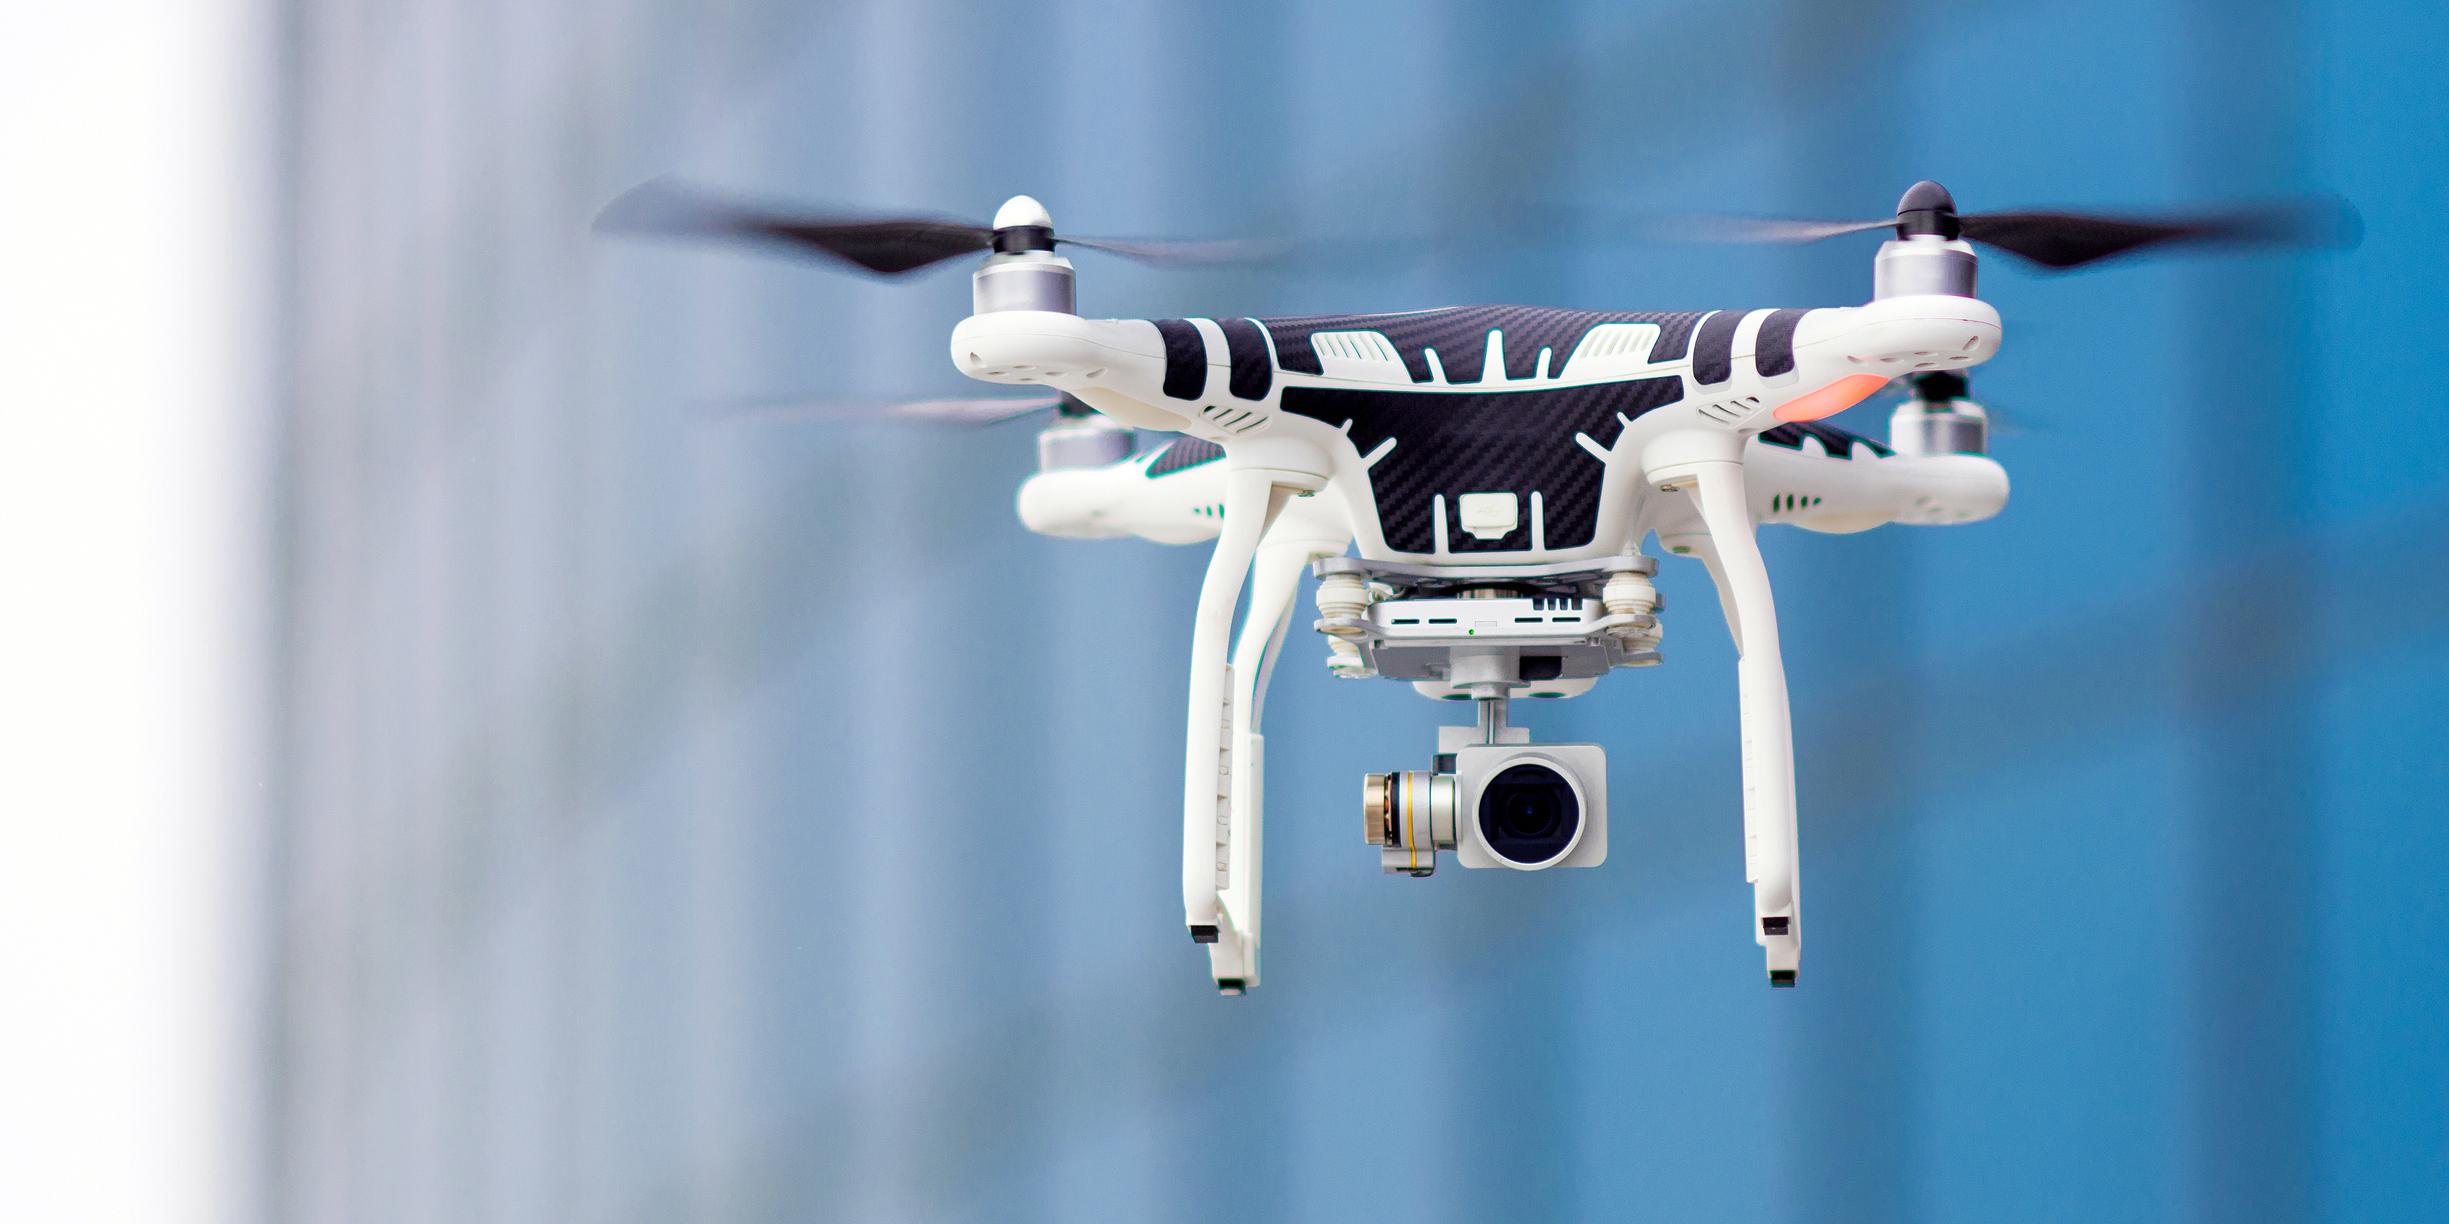 A drone in flight.